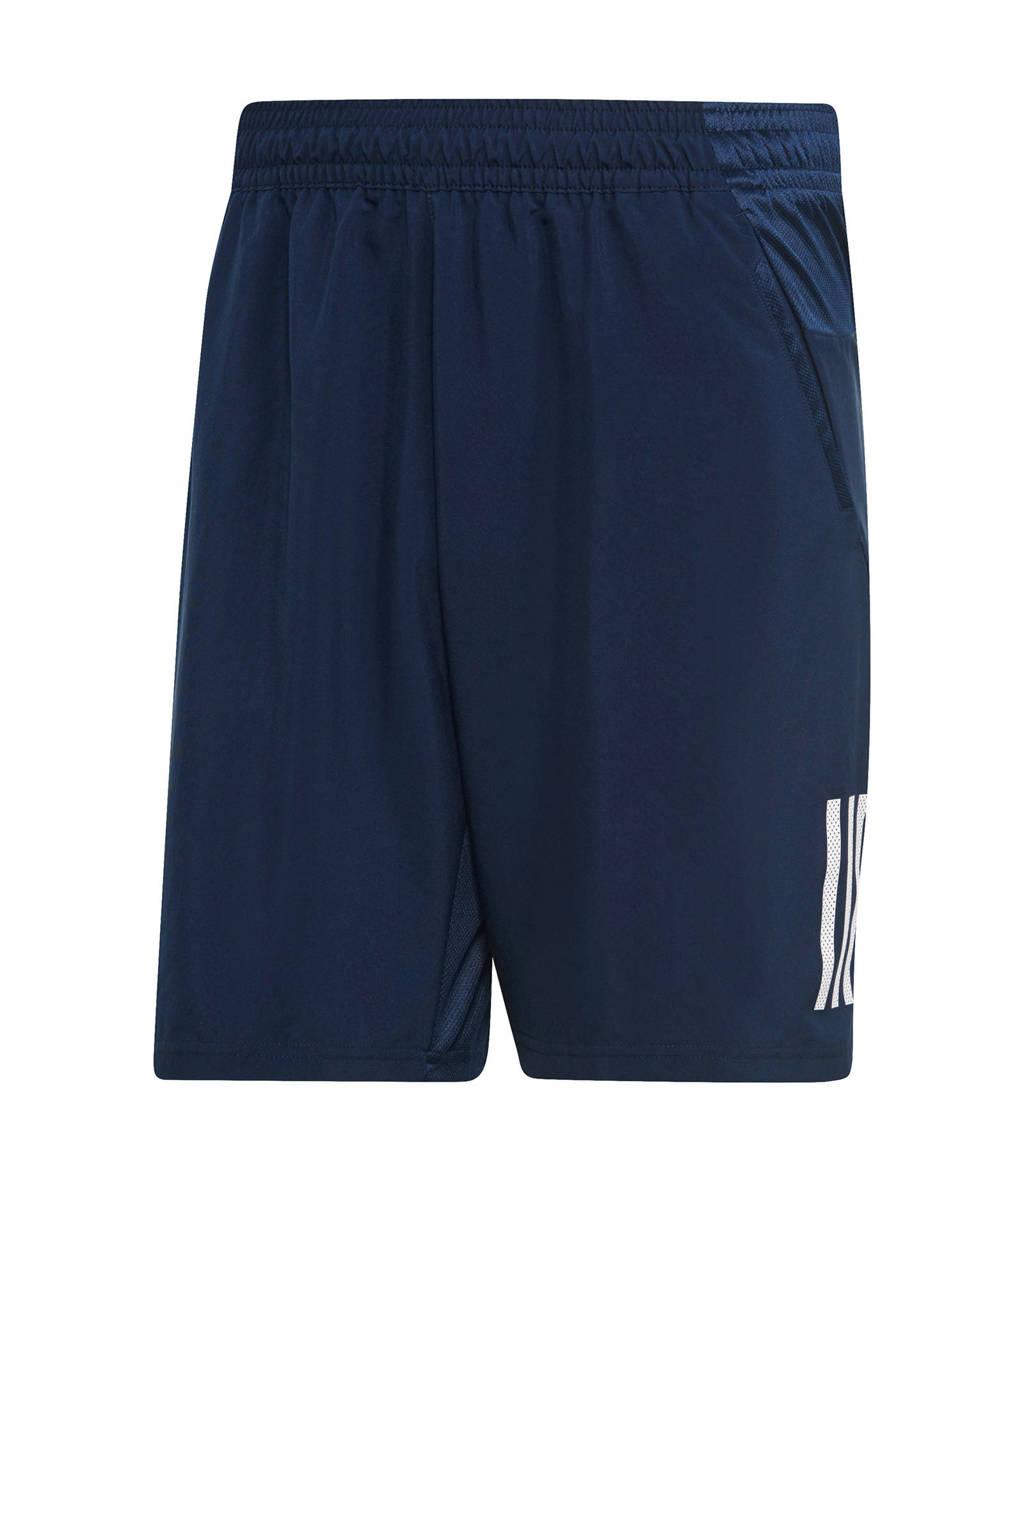 adidas Performance   tennisshort donkerblauw, Donkerblauw